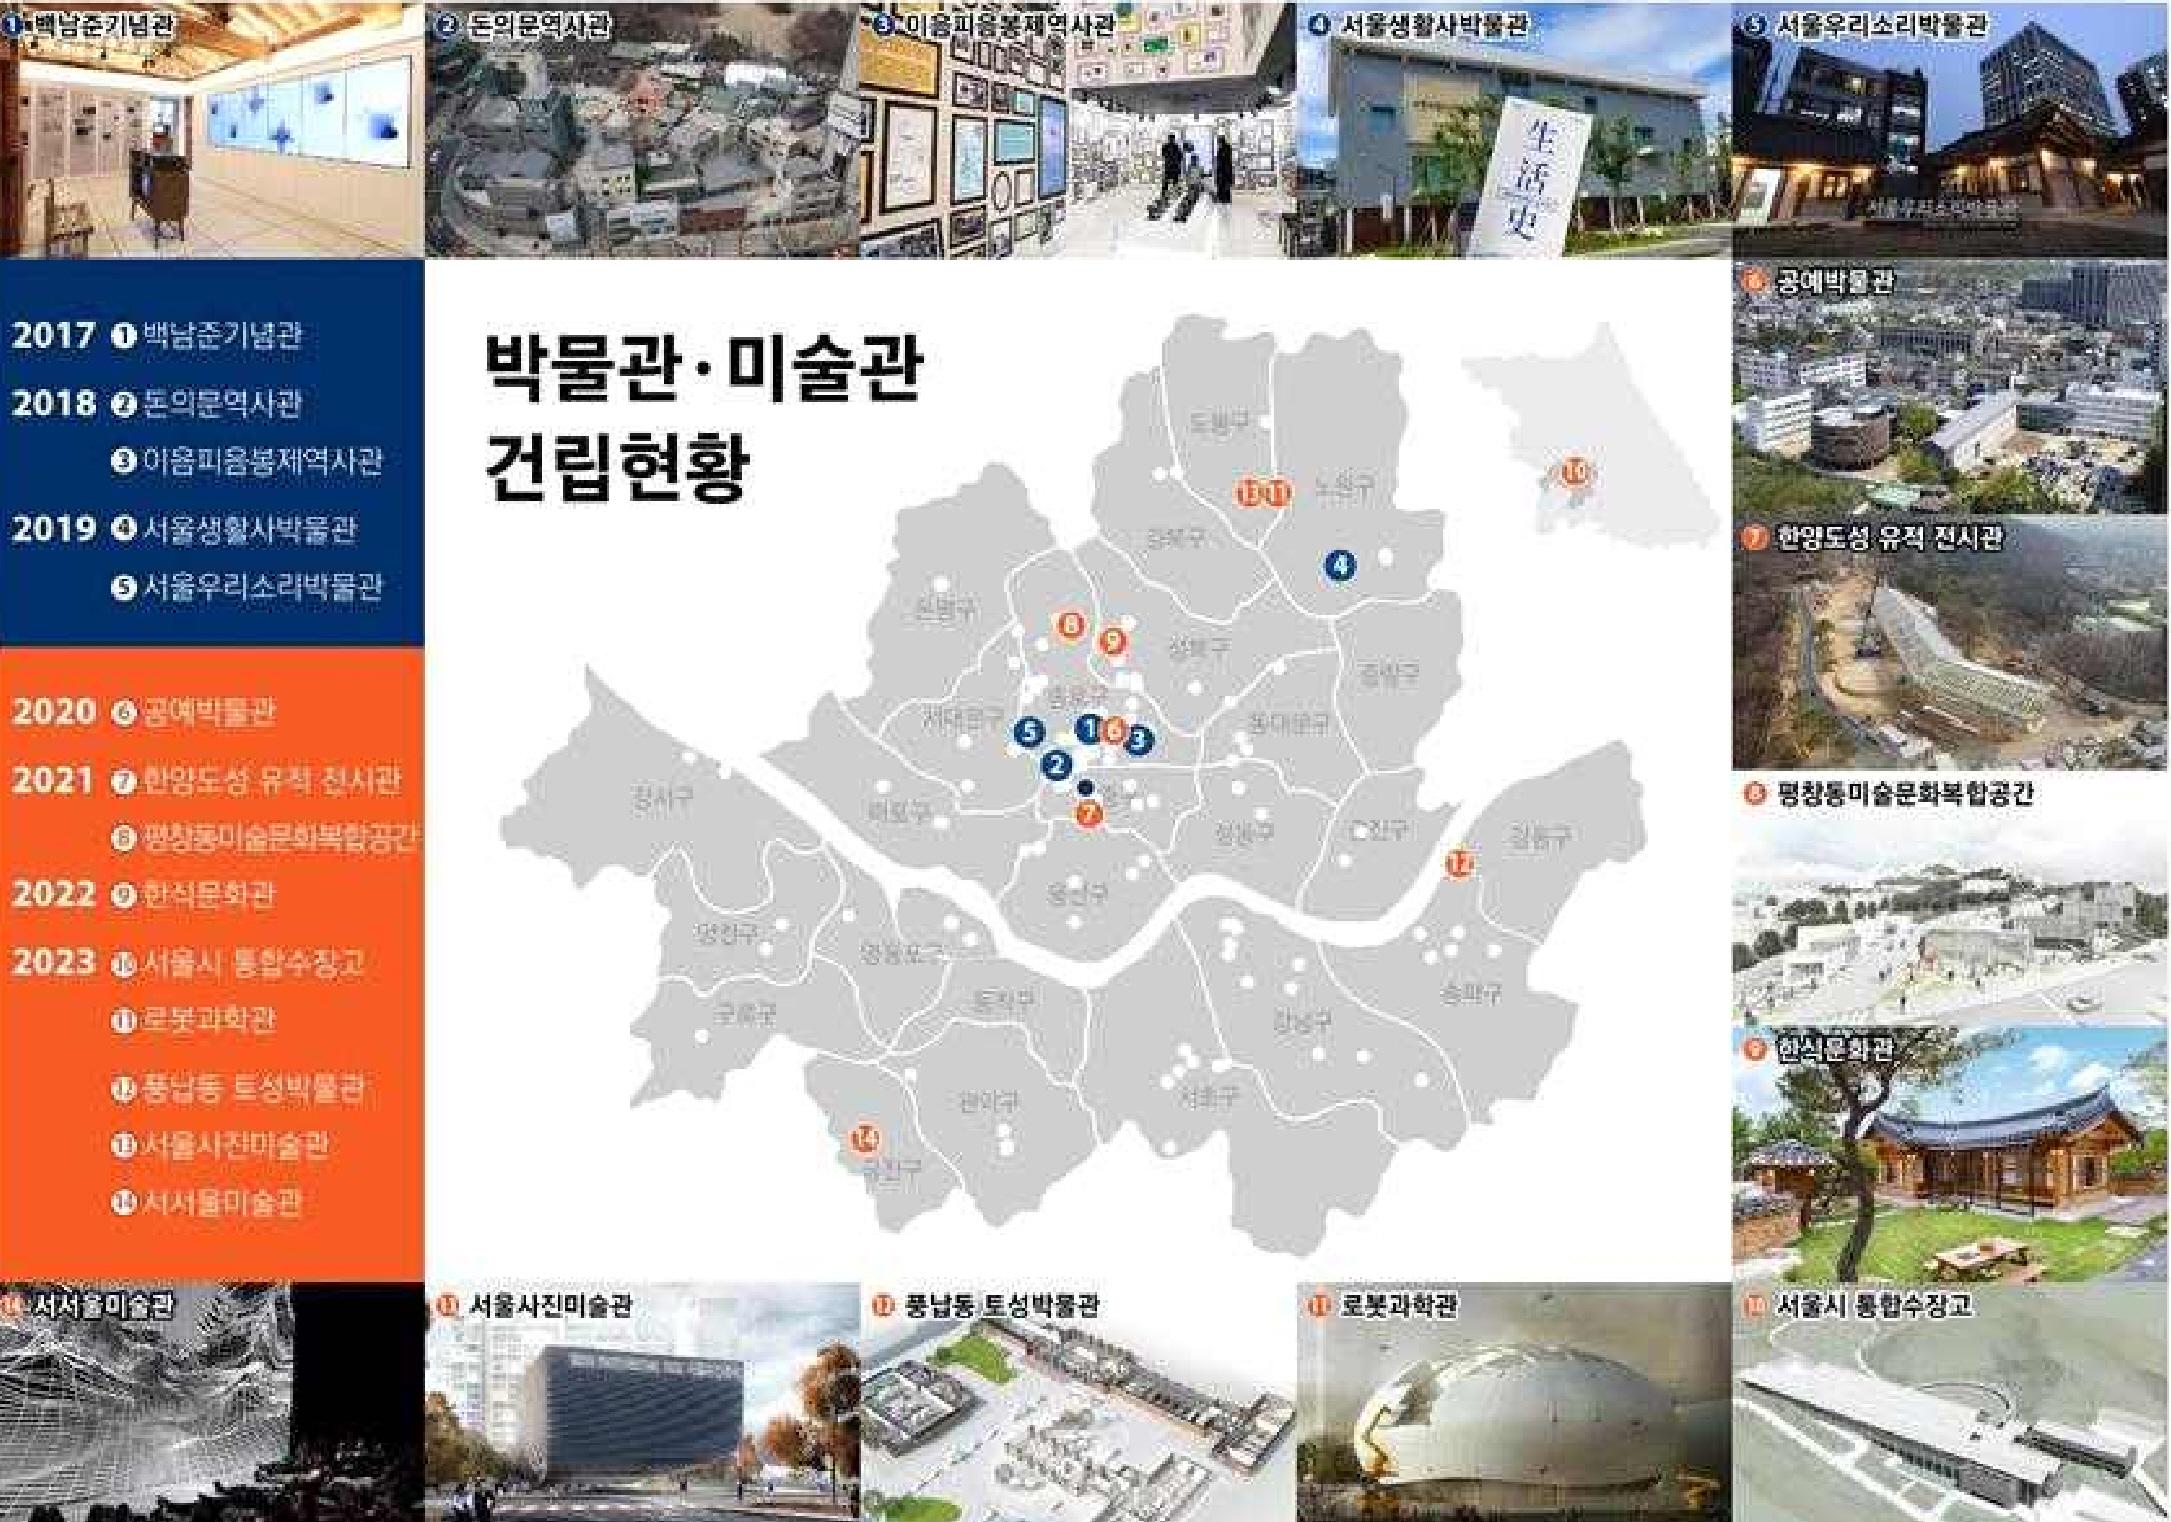 〔ANN의 뉴스 포커스〕 2023년까지 '테마형 뮤지엄' 9개소 서울에서 개관